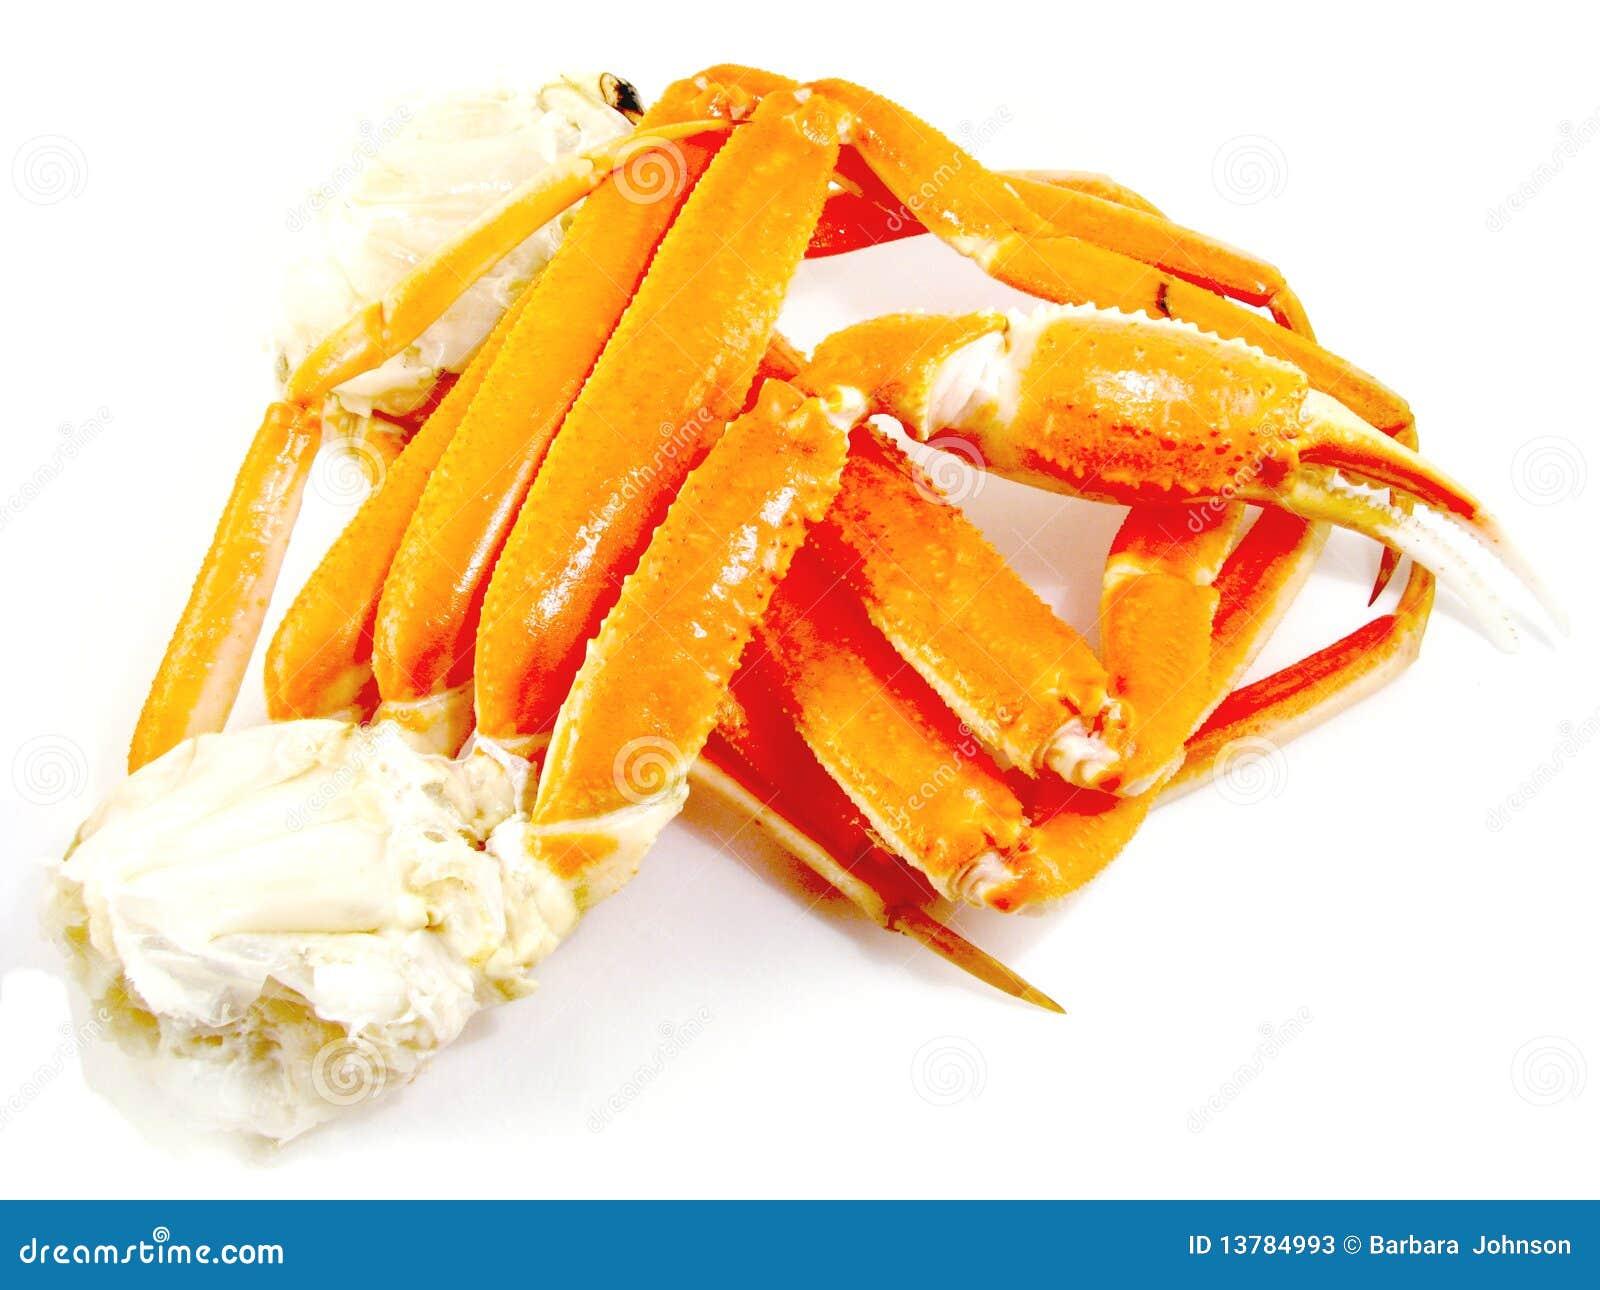 alaskan snow crab legs